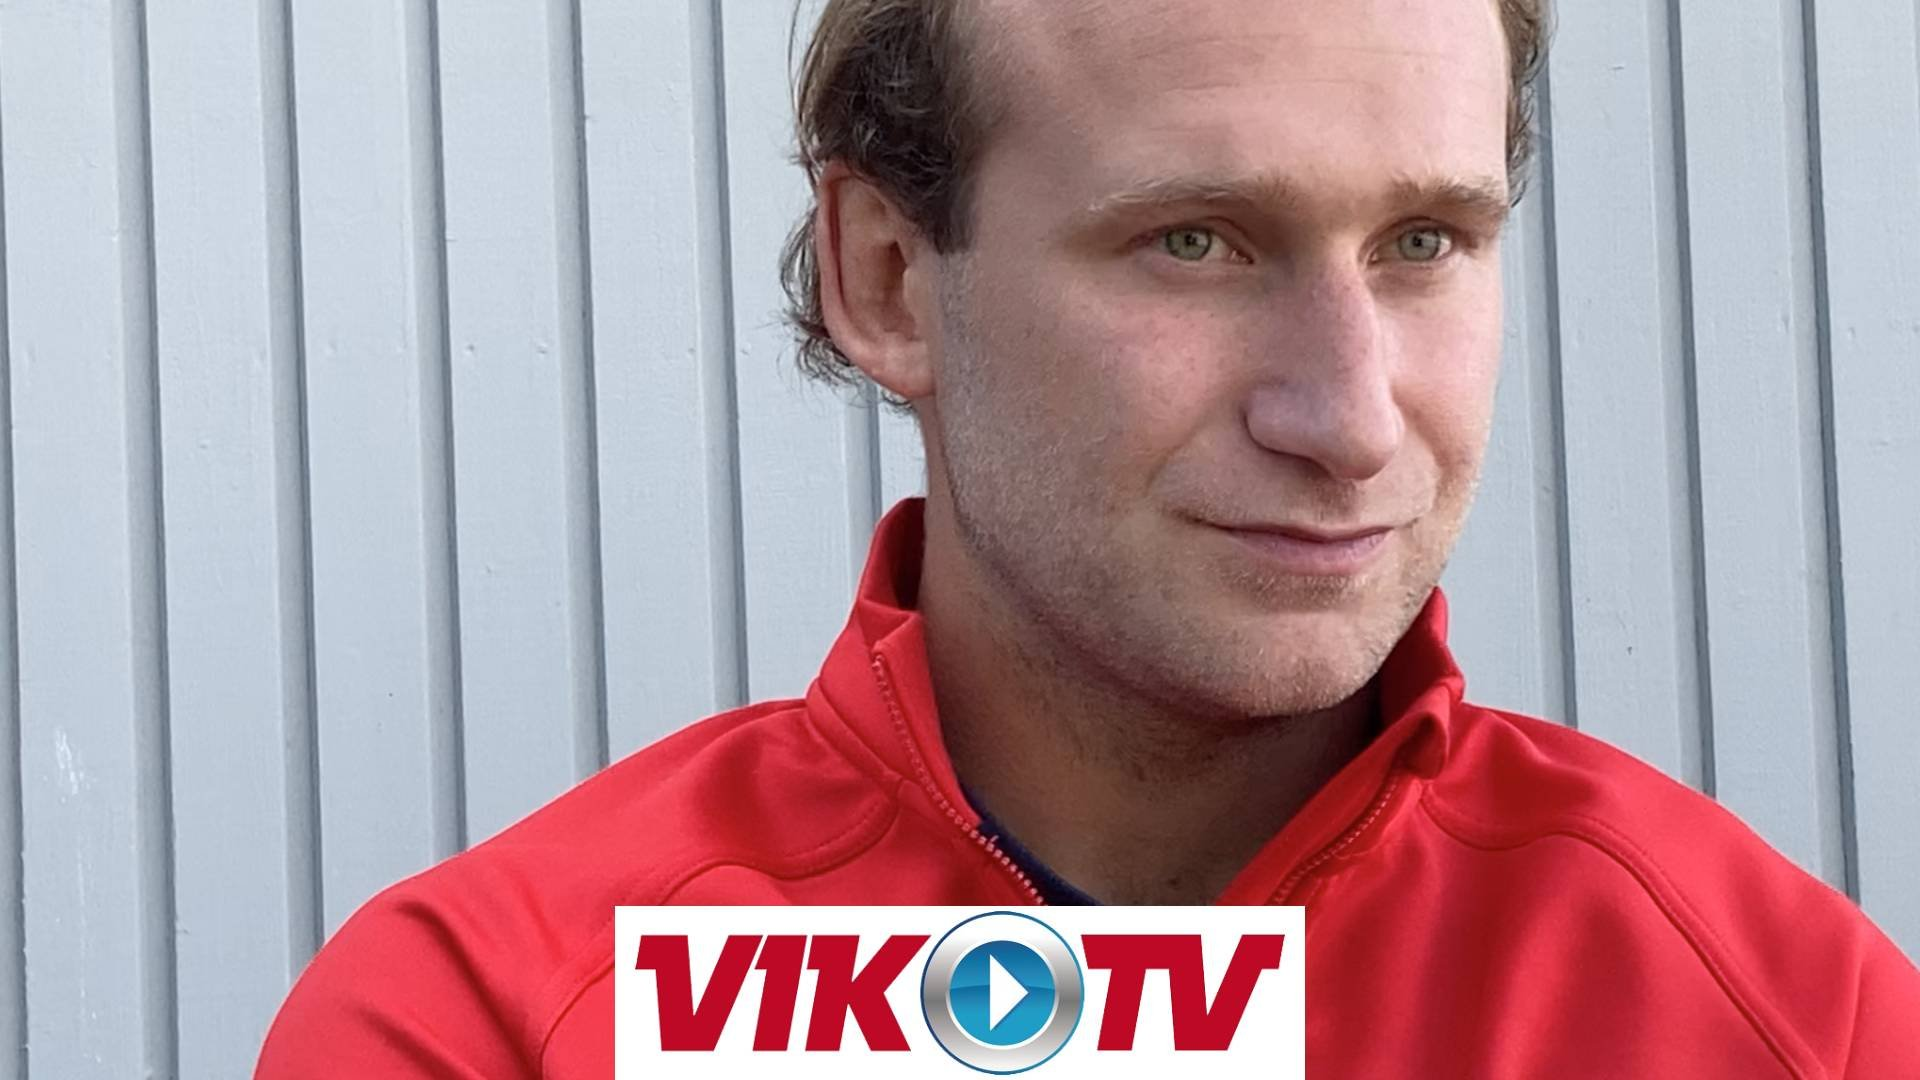 Intervju med Alexander Younan.